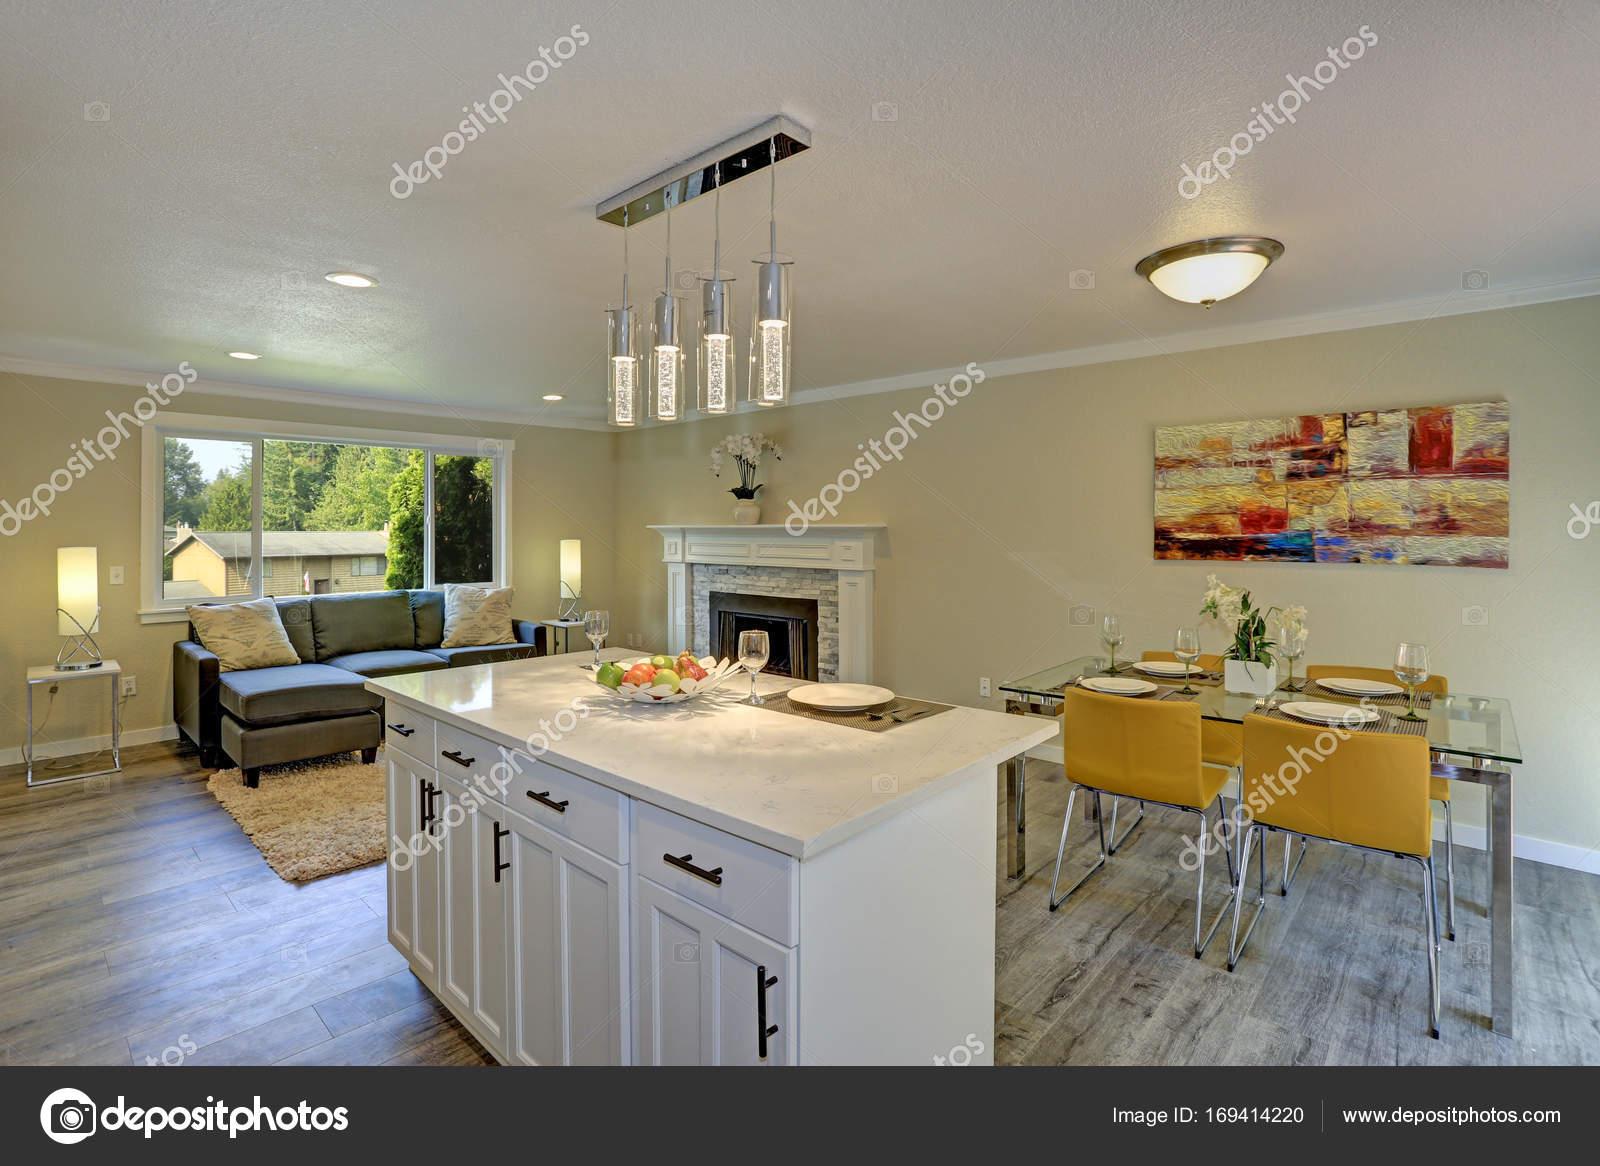 Plan abierto hermoso segundo piso living comedor, cocina y comedor ...